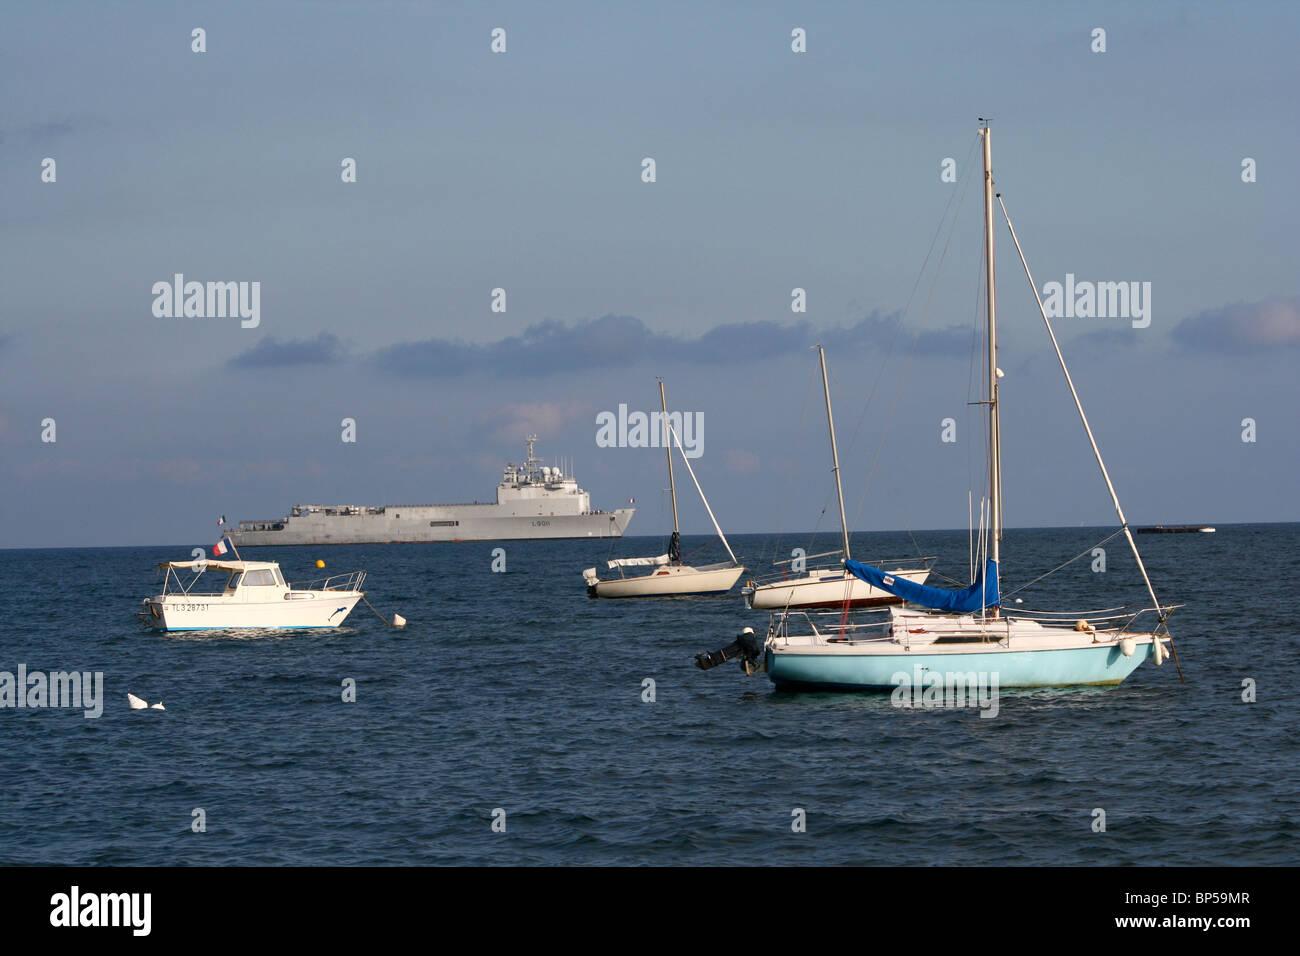 Ein französisches Kriegsschiff in der Bucht von Hyeres, Frankreich Stockbild